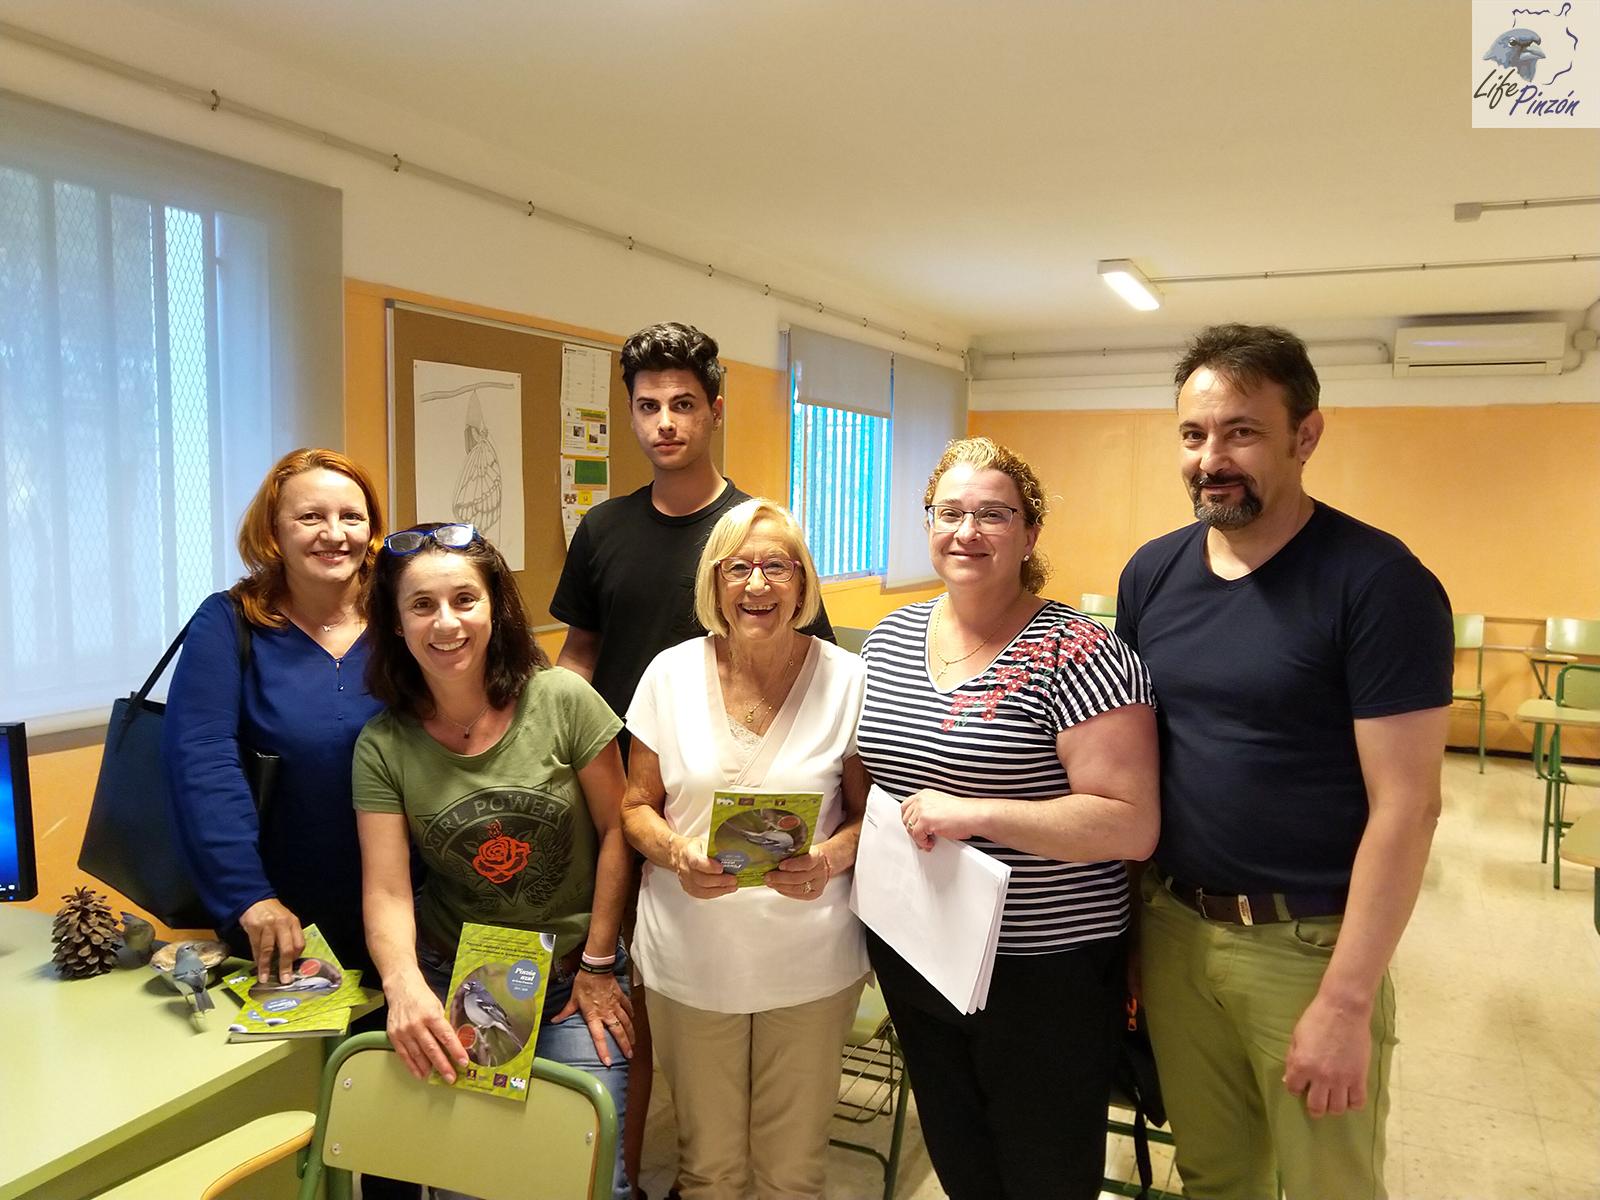 Gran interés en el CEPA Santa Lucía8 mayo 2019